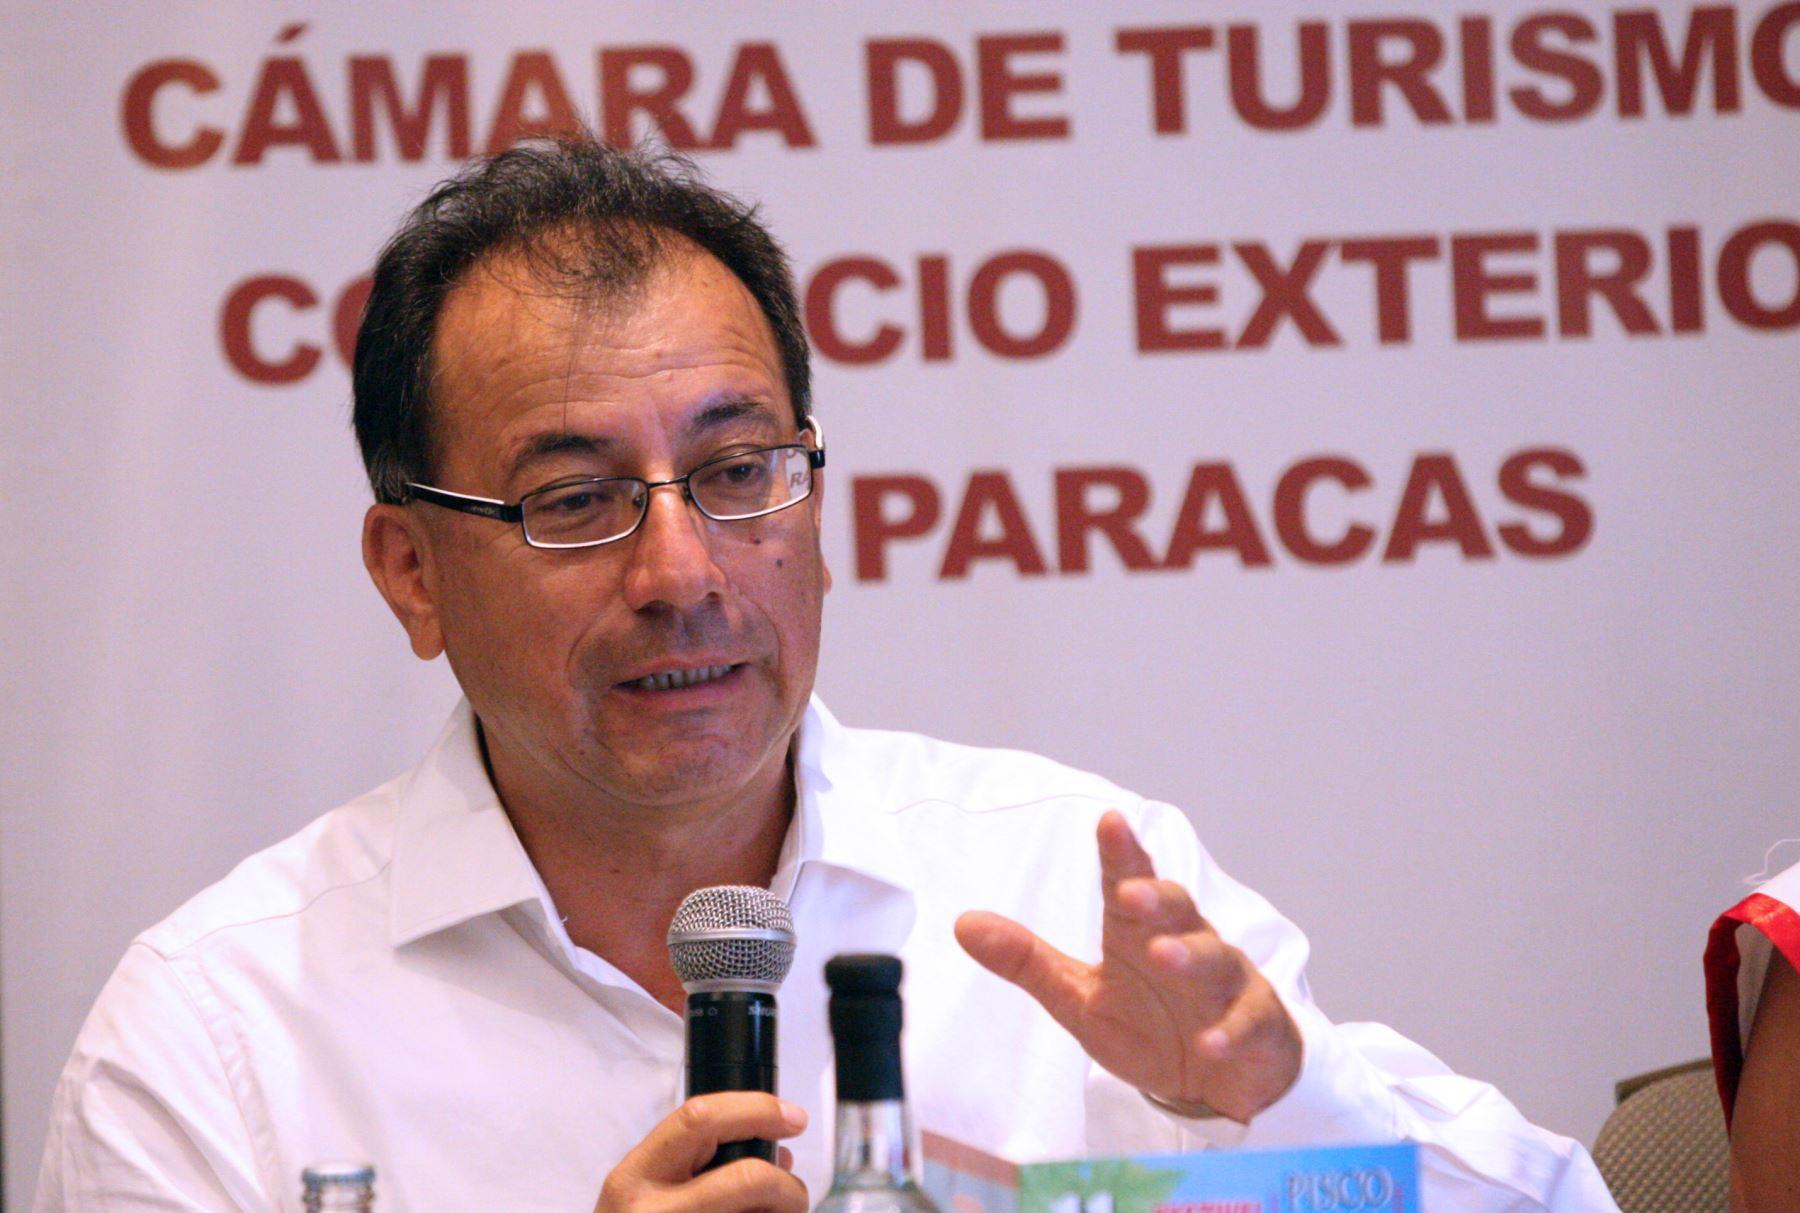 """Eduardo Jáuregui, presidente de la Cámara de Turismo y Comercio Exterior de Paracas (Capatur) en conferencia de prensa anuncia"""" Dia del Pisco Sour"""" en Paracas ANDINA/Jhony Laurente"""